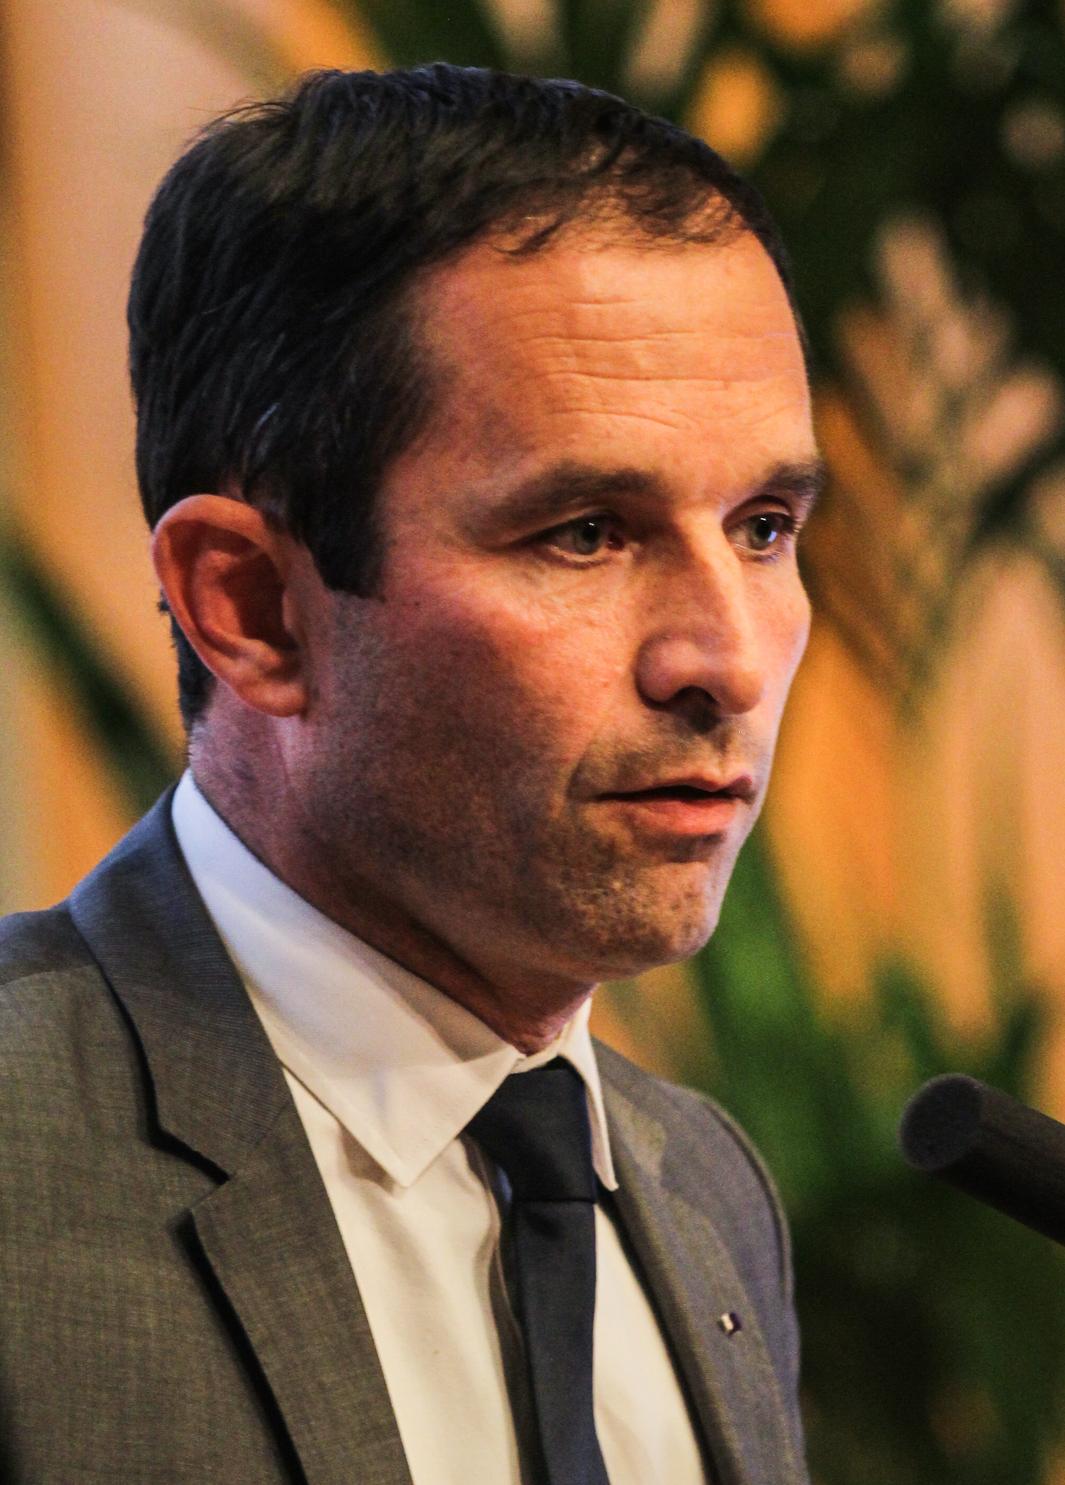 POLITIQUE – Benoît Hamon en conférence à Montpellier